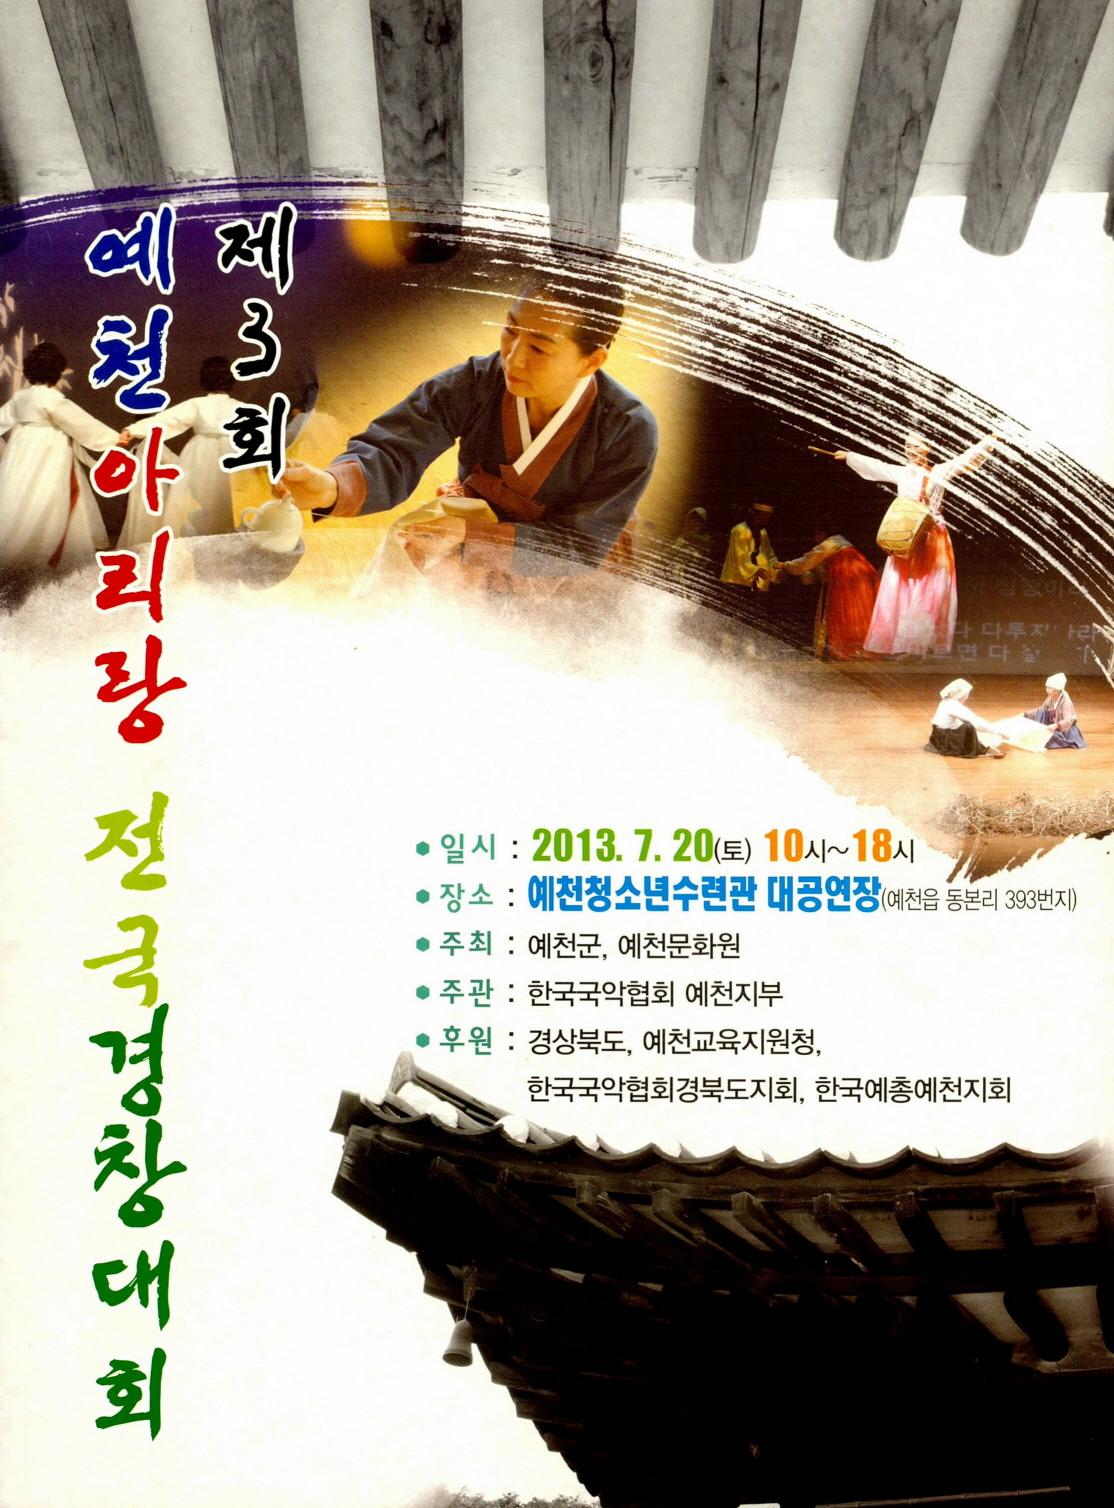 제3회 예천아리랑 전국경창대회 <리플렛>